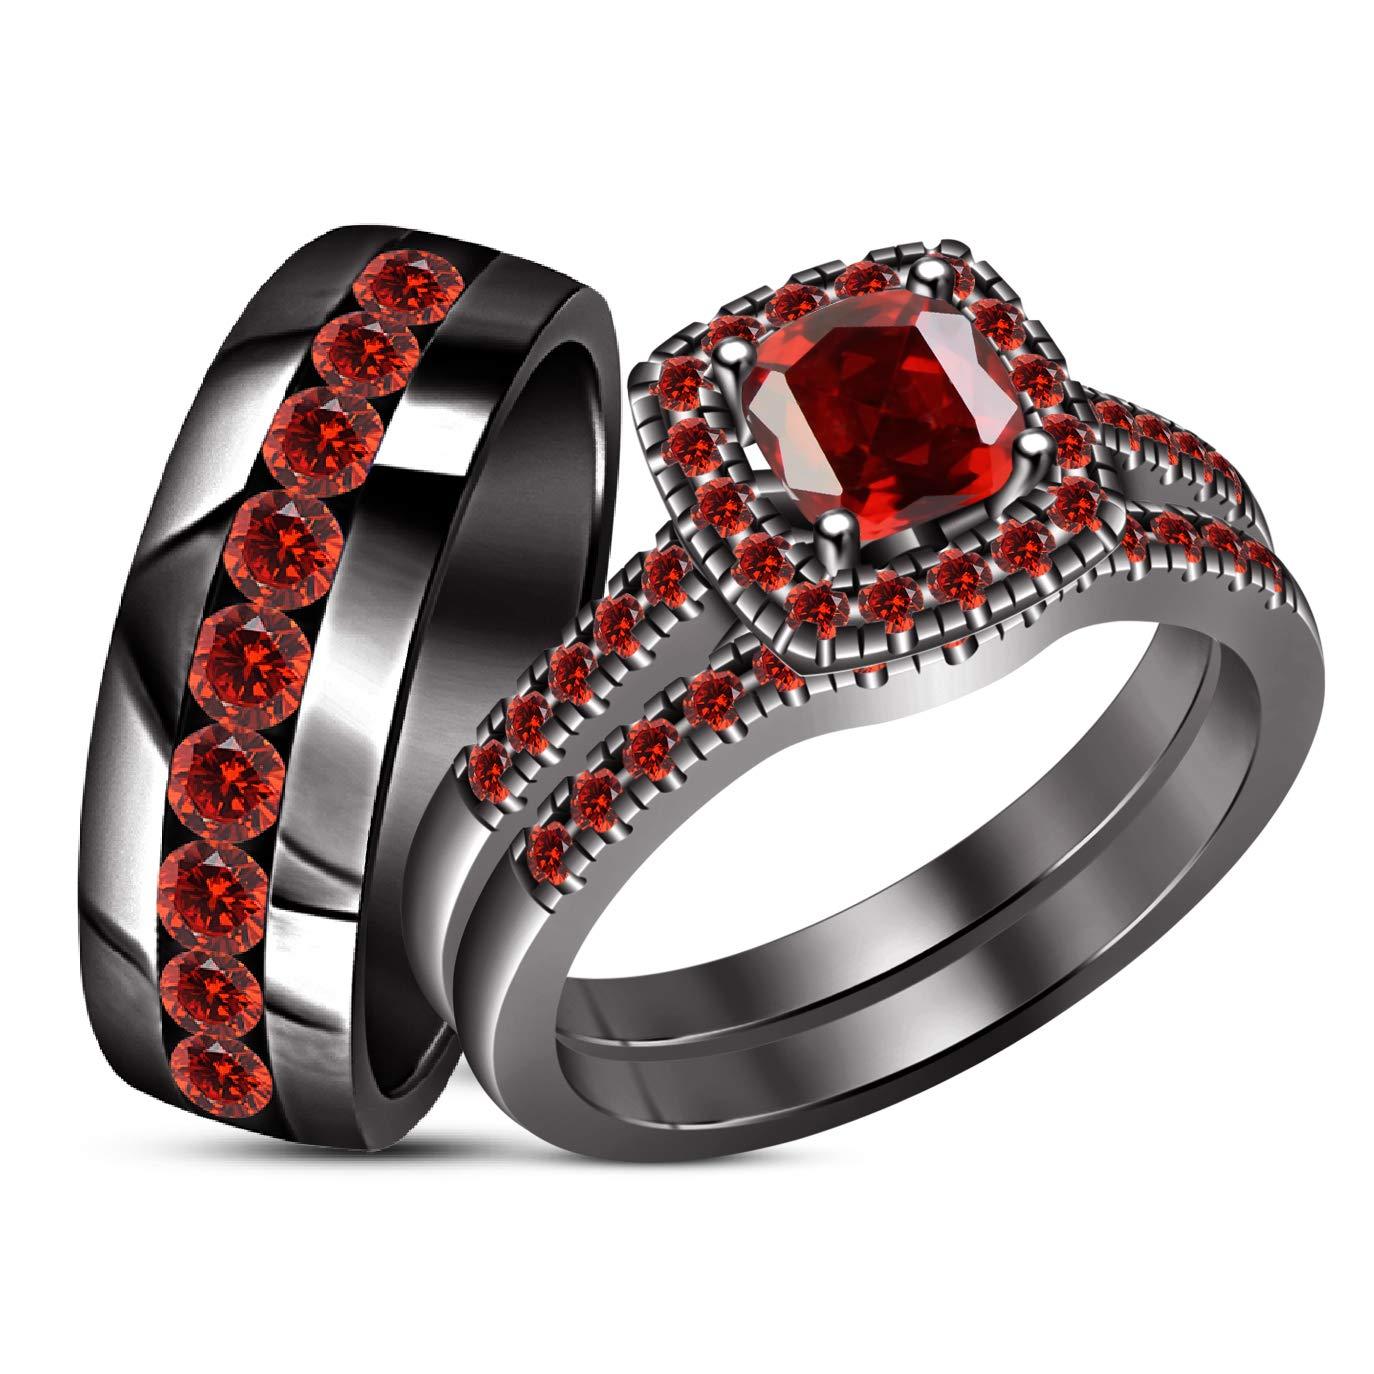 Amazon.com: TVS-JEWELS - Juego de anillos de boda para ...